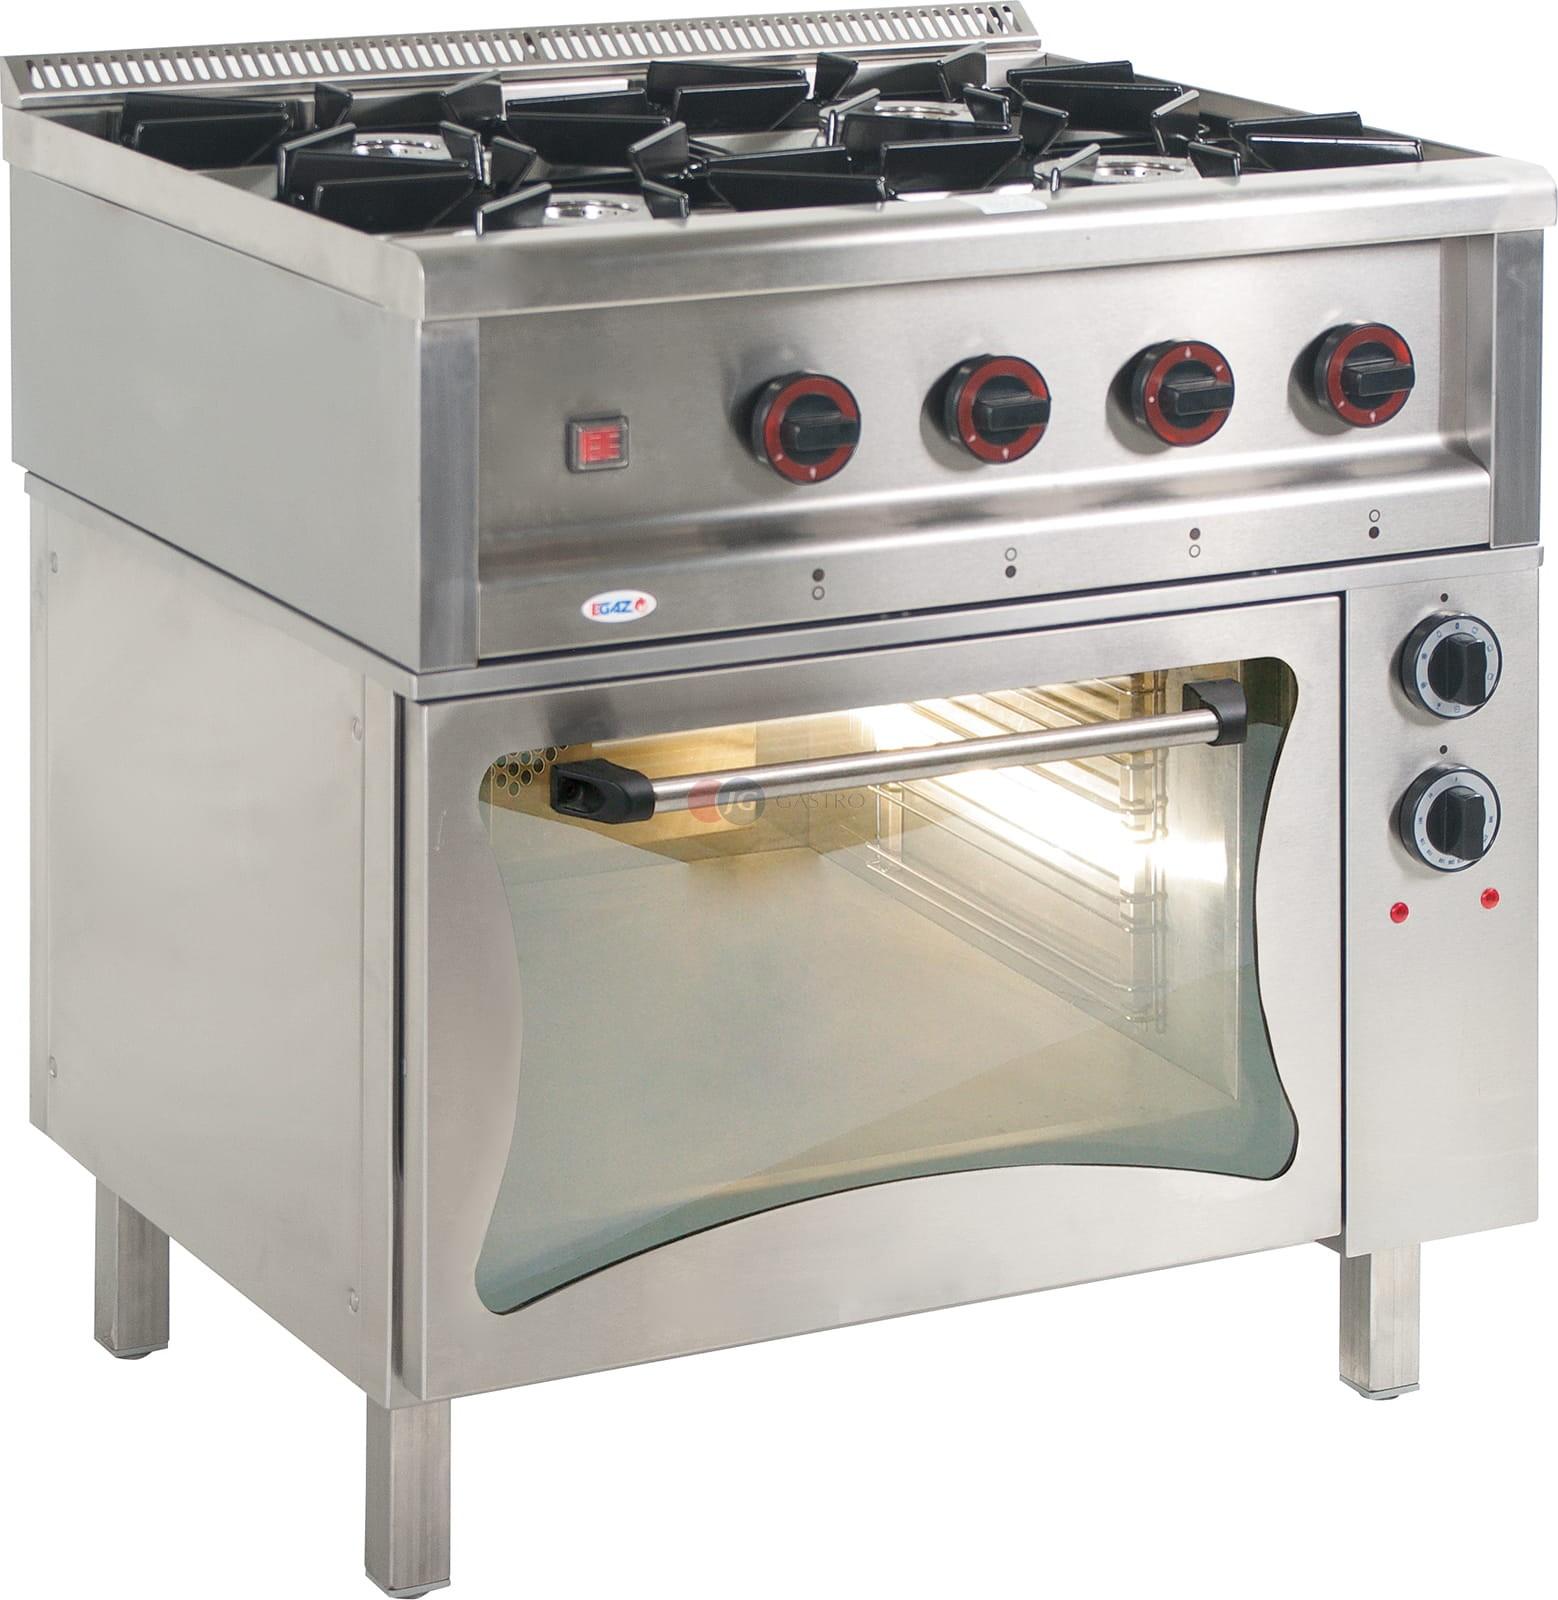 Kuchnia Gazowa 4 Palnikowa Z Piekarnikiem Elektrycznym 20551 Kw Egaz Tgl 4720pke 3